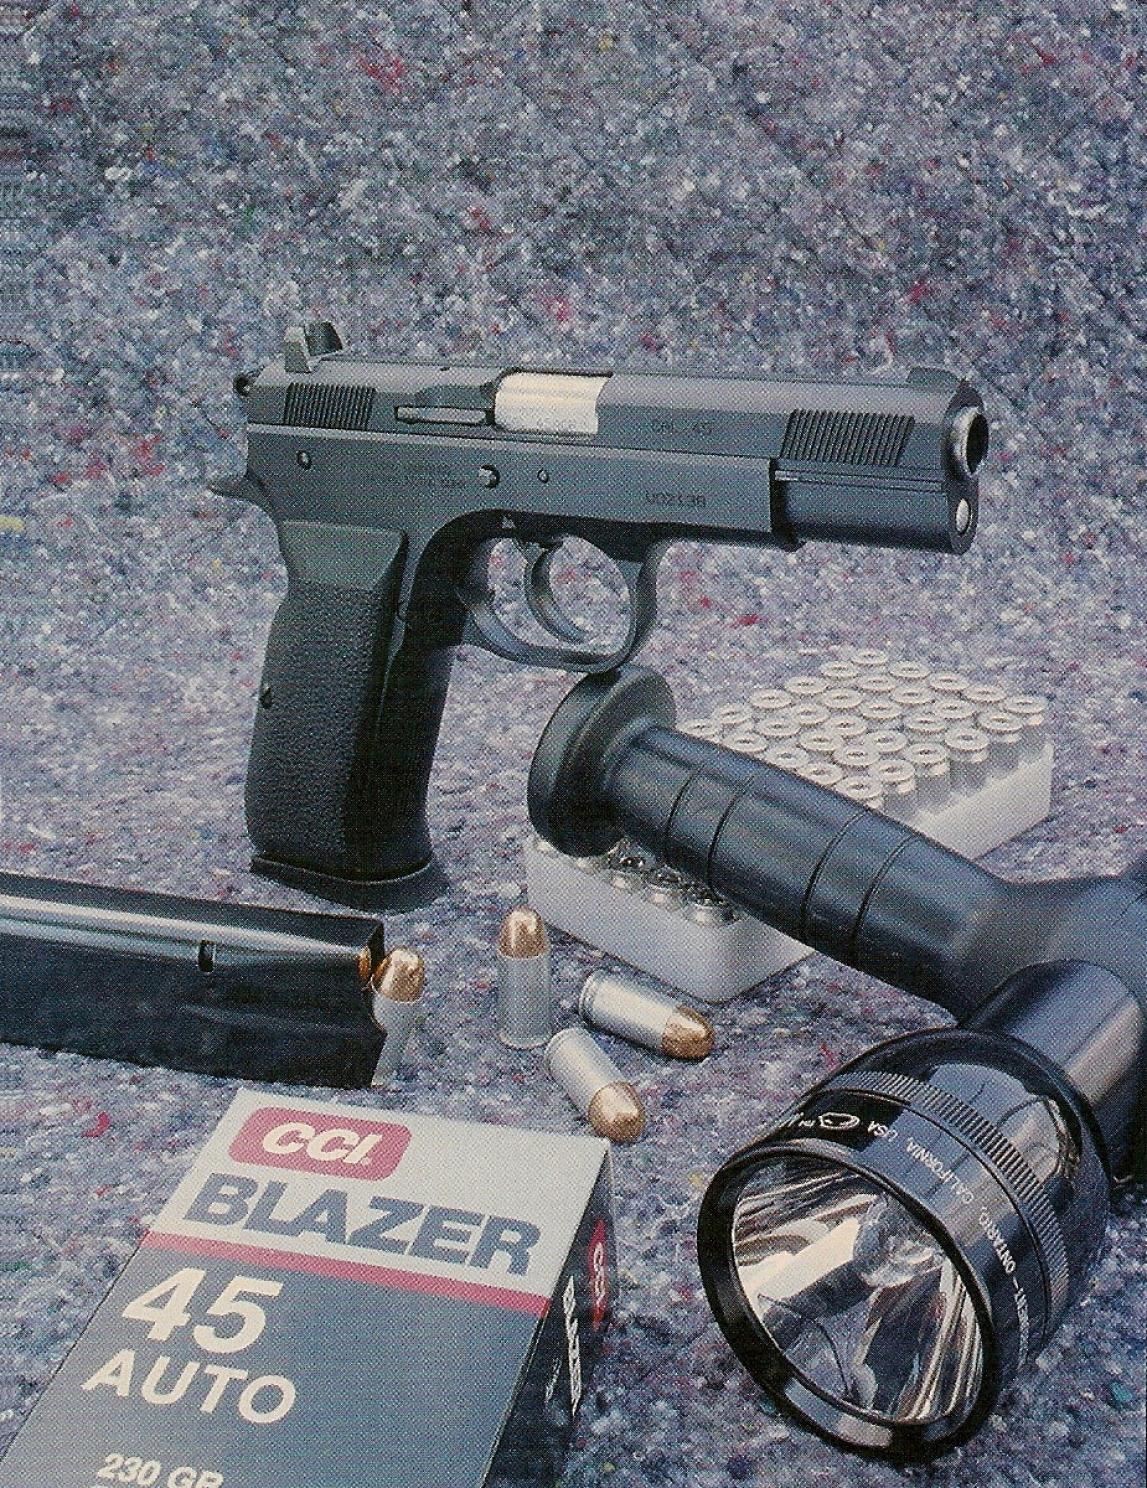 Le pistolet Tanfoglio P-45 accompagné de munitions CCI Blazer à douille jetable calibre .45 ACP et d'une lampe-torche Mag-lite avec poignée REF III.